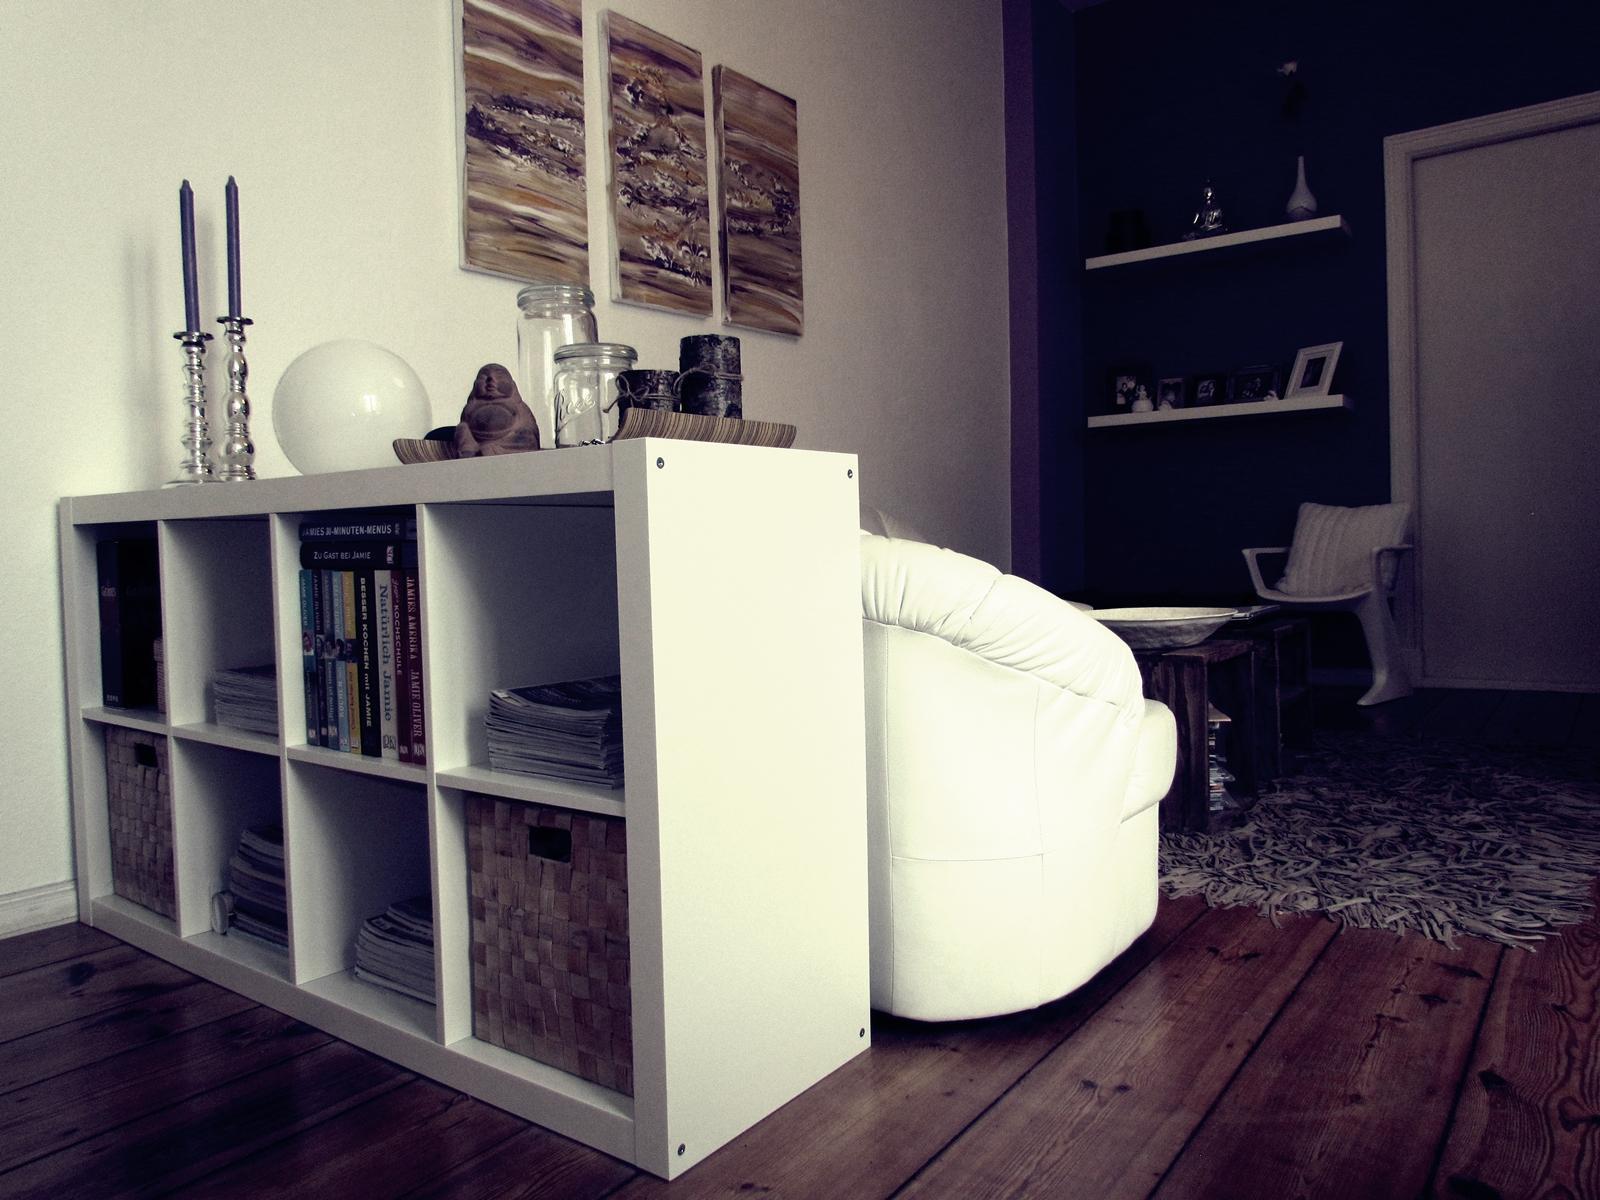 Full Size of Betten Ikea 160x200 Küche Kaufen Sofa Mit Schlaffunktion Kosten Raumteiler Regal Bei Modulküche Miniküche Wohnzimmer Raumteiler Ikea